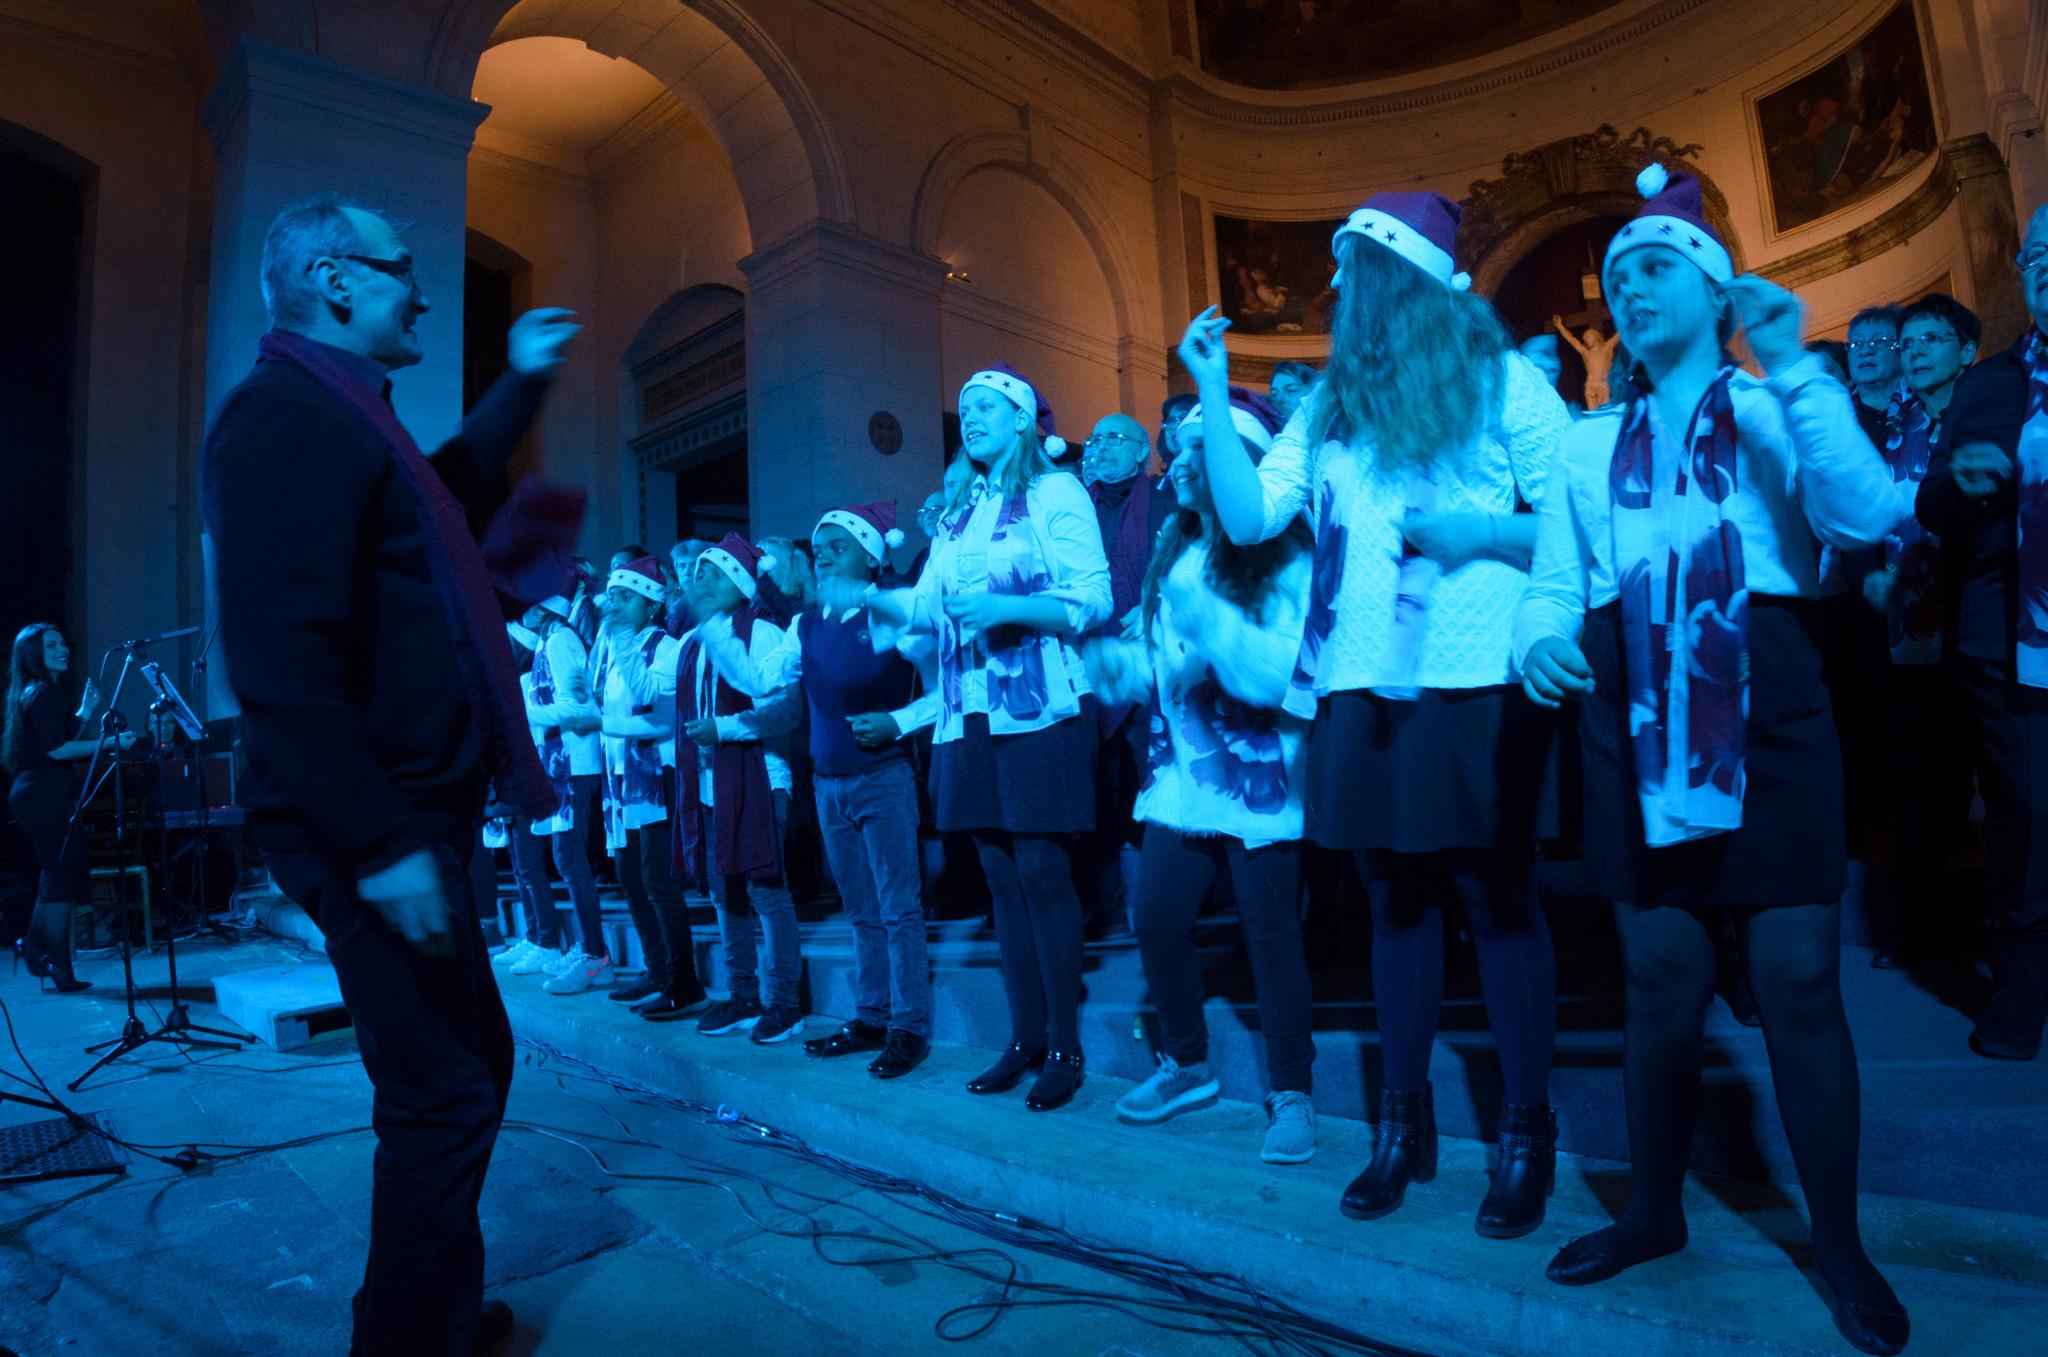 """Concert \""""Noël des 4 coins du Monde\"""" - Chorale Atout Choeur, Chorale Saint André - Cathédrale Saint-Louis-et-Saint-Nicolas de Choisy-le-Roi, 16 décembre 2017"""